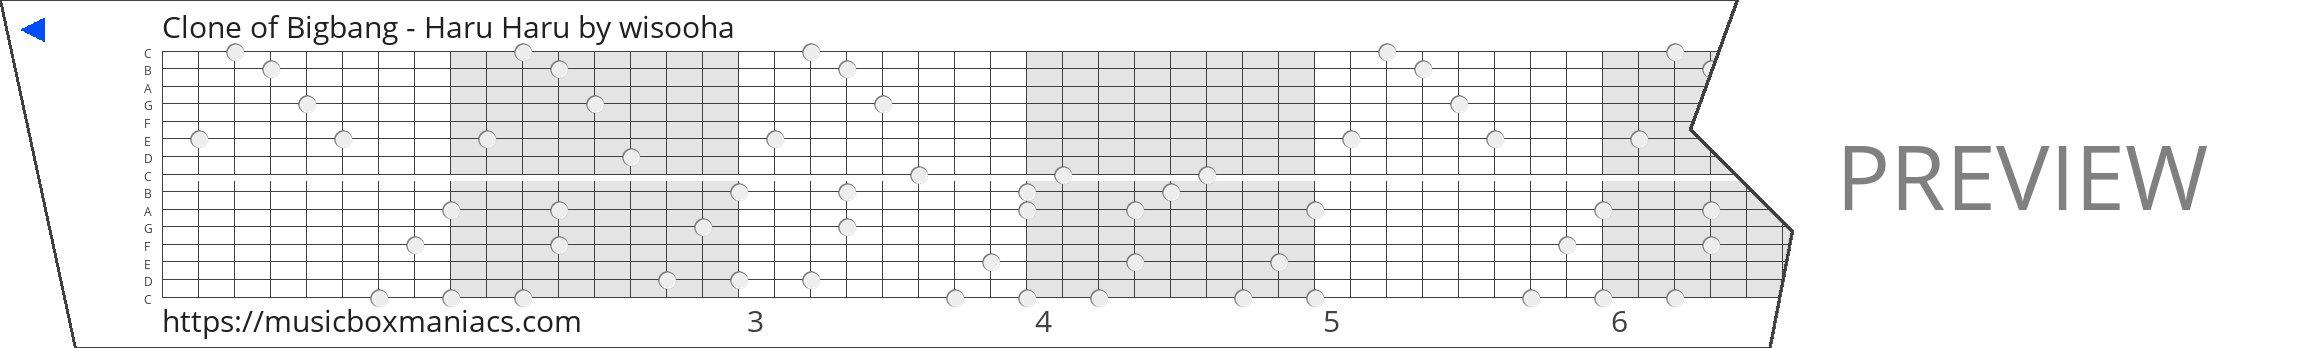 Clone of Bigbang - Haru Haru 15 note music box paper strip